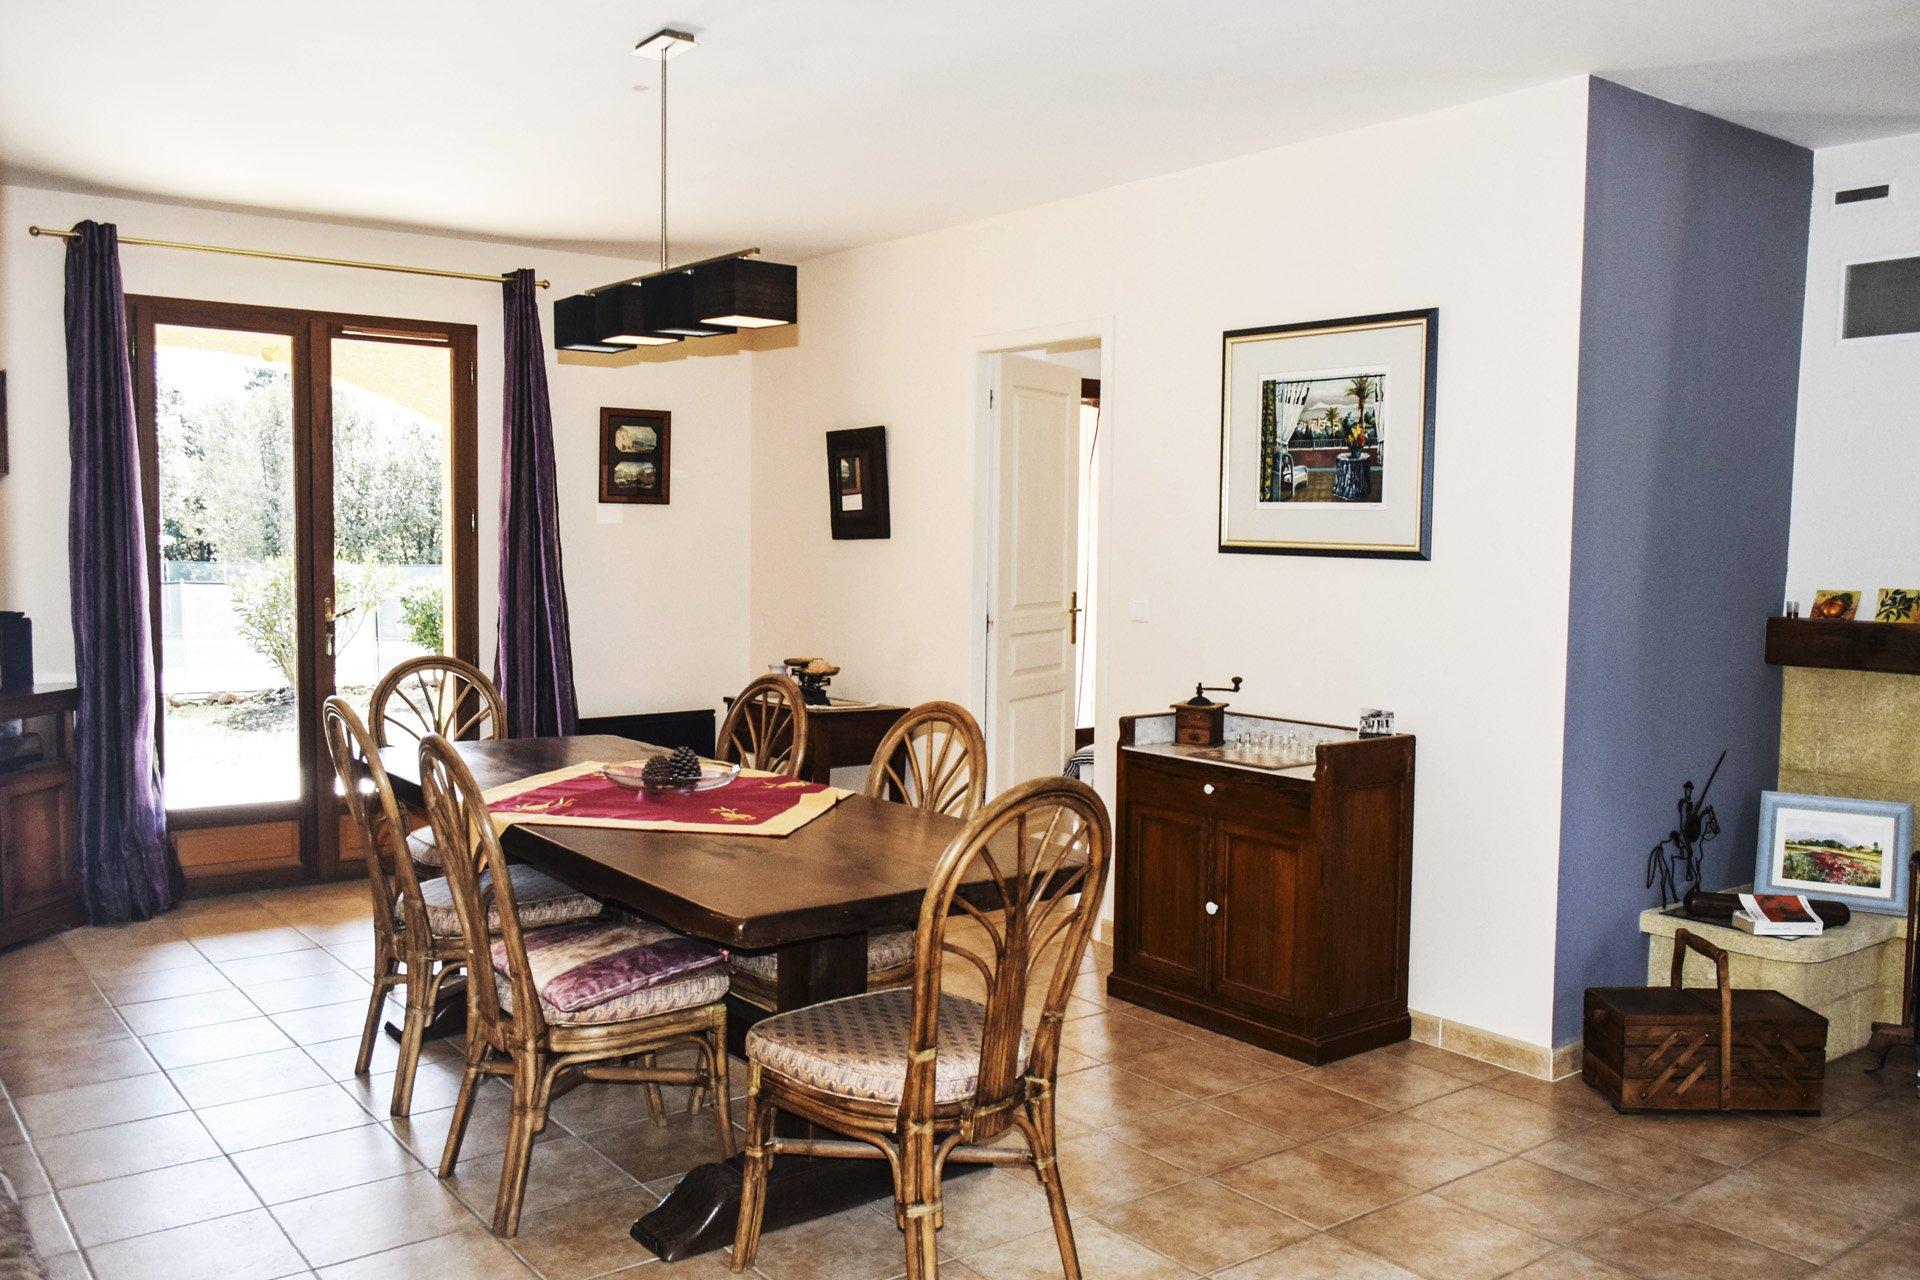 salle à manger de la villa récente 5 chambres, piscine, appartement indépendant, moissac bellevue, var provence